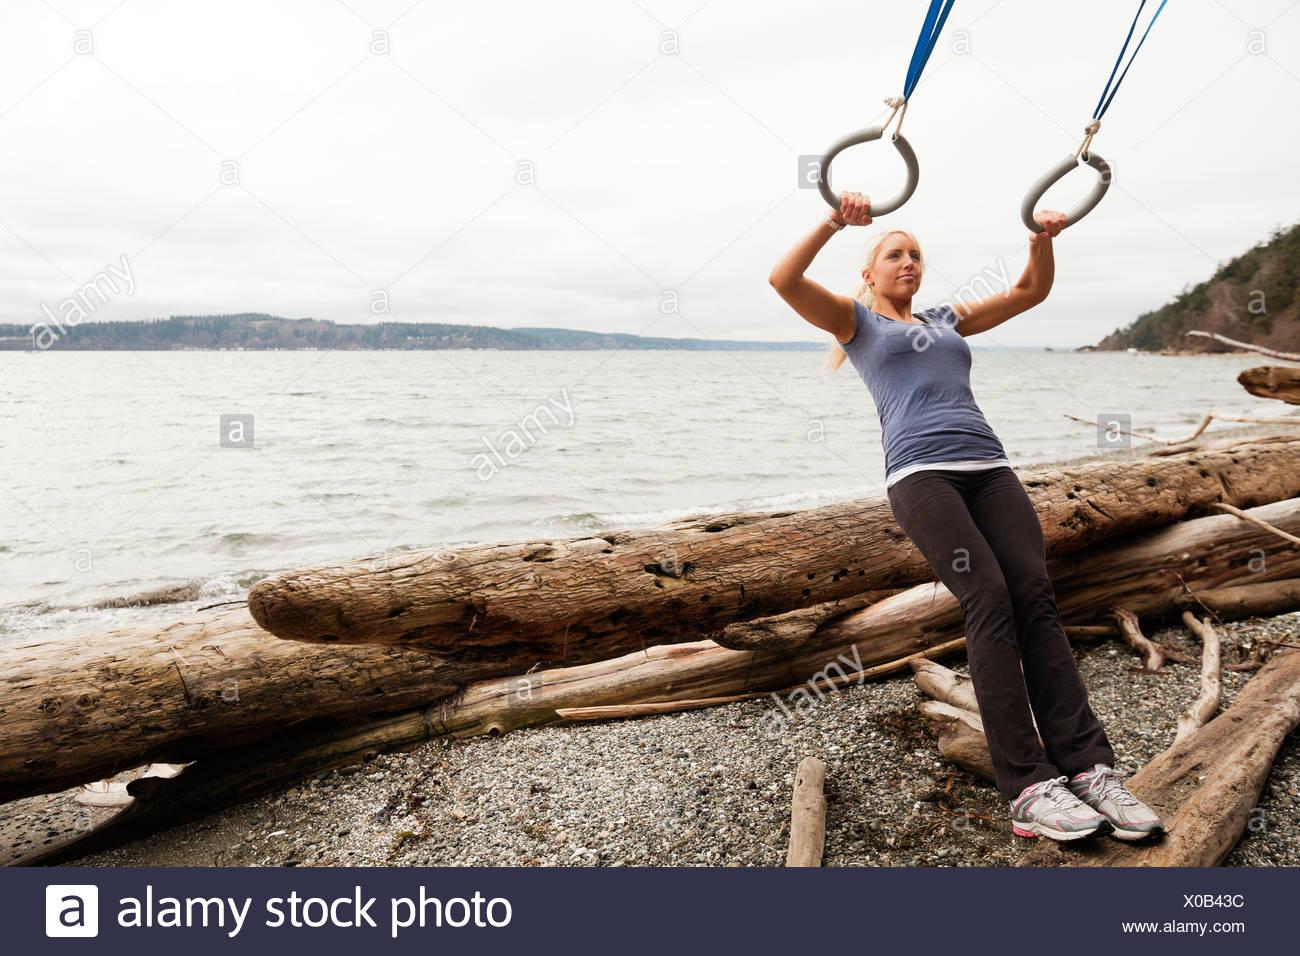 Une femme effectue des exercices de suspension sur une plage rustique. Photo Stock